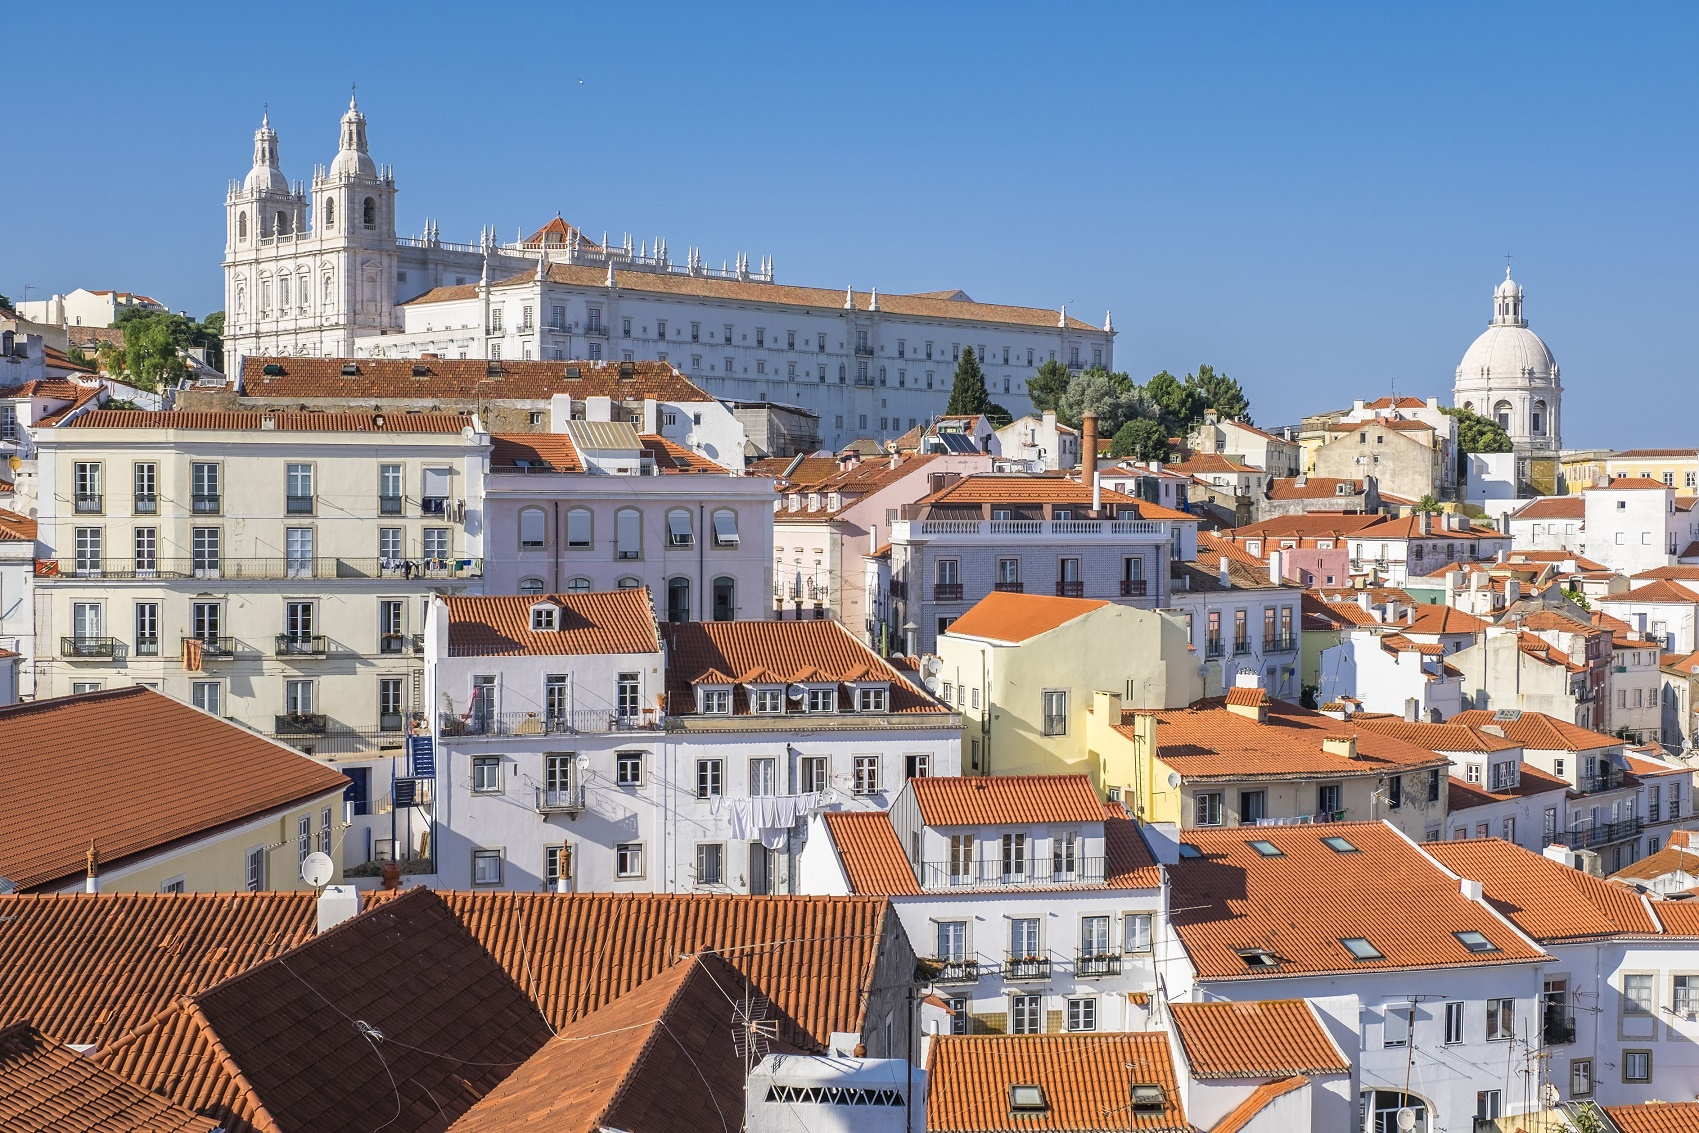 A compra de imóveis por brasileiros em áreas históricas de Portugal subiu de 394 no primeiro trimestre de 2015 para 560 em 2016. Foto Frank Guiziou/Hemis